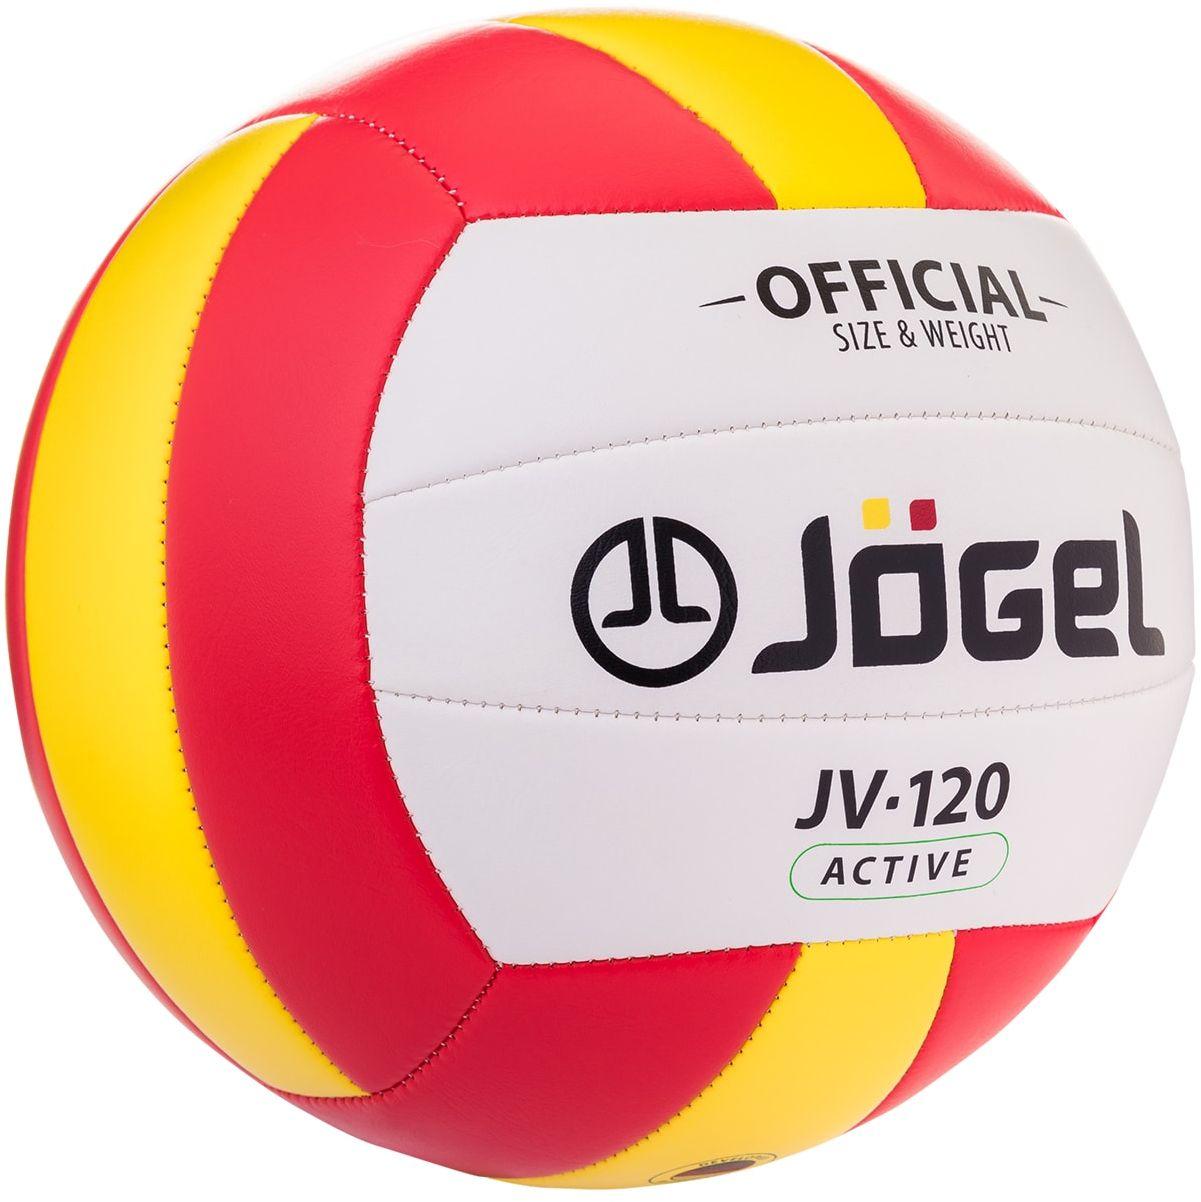 Jogel JV-120 – любительский мяч для классического волейбола и активного отдыха в яркой расцветке. Неприхотливость к игровым покрытиям и приятные тактильные ощущения - вот главные достоинства модели. Поверхность мяча выполнена из мягкой синтетической кожи (поливинилхлорид), позволяя избежать синяков и ушибов на руках даже при сильных ударах. Мяч состоит из 18-ти панелей и оснащен бутиловой камерой. Официальный размер и вес FIBV.